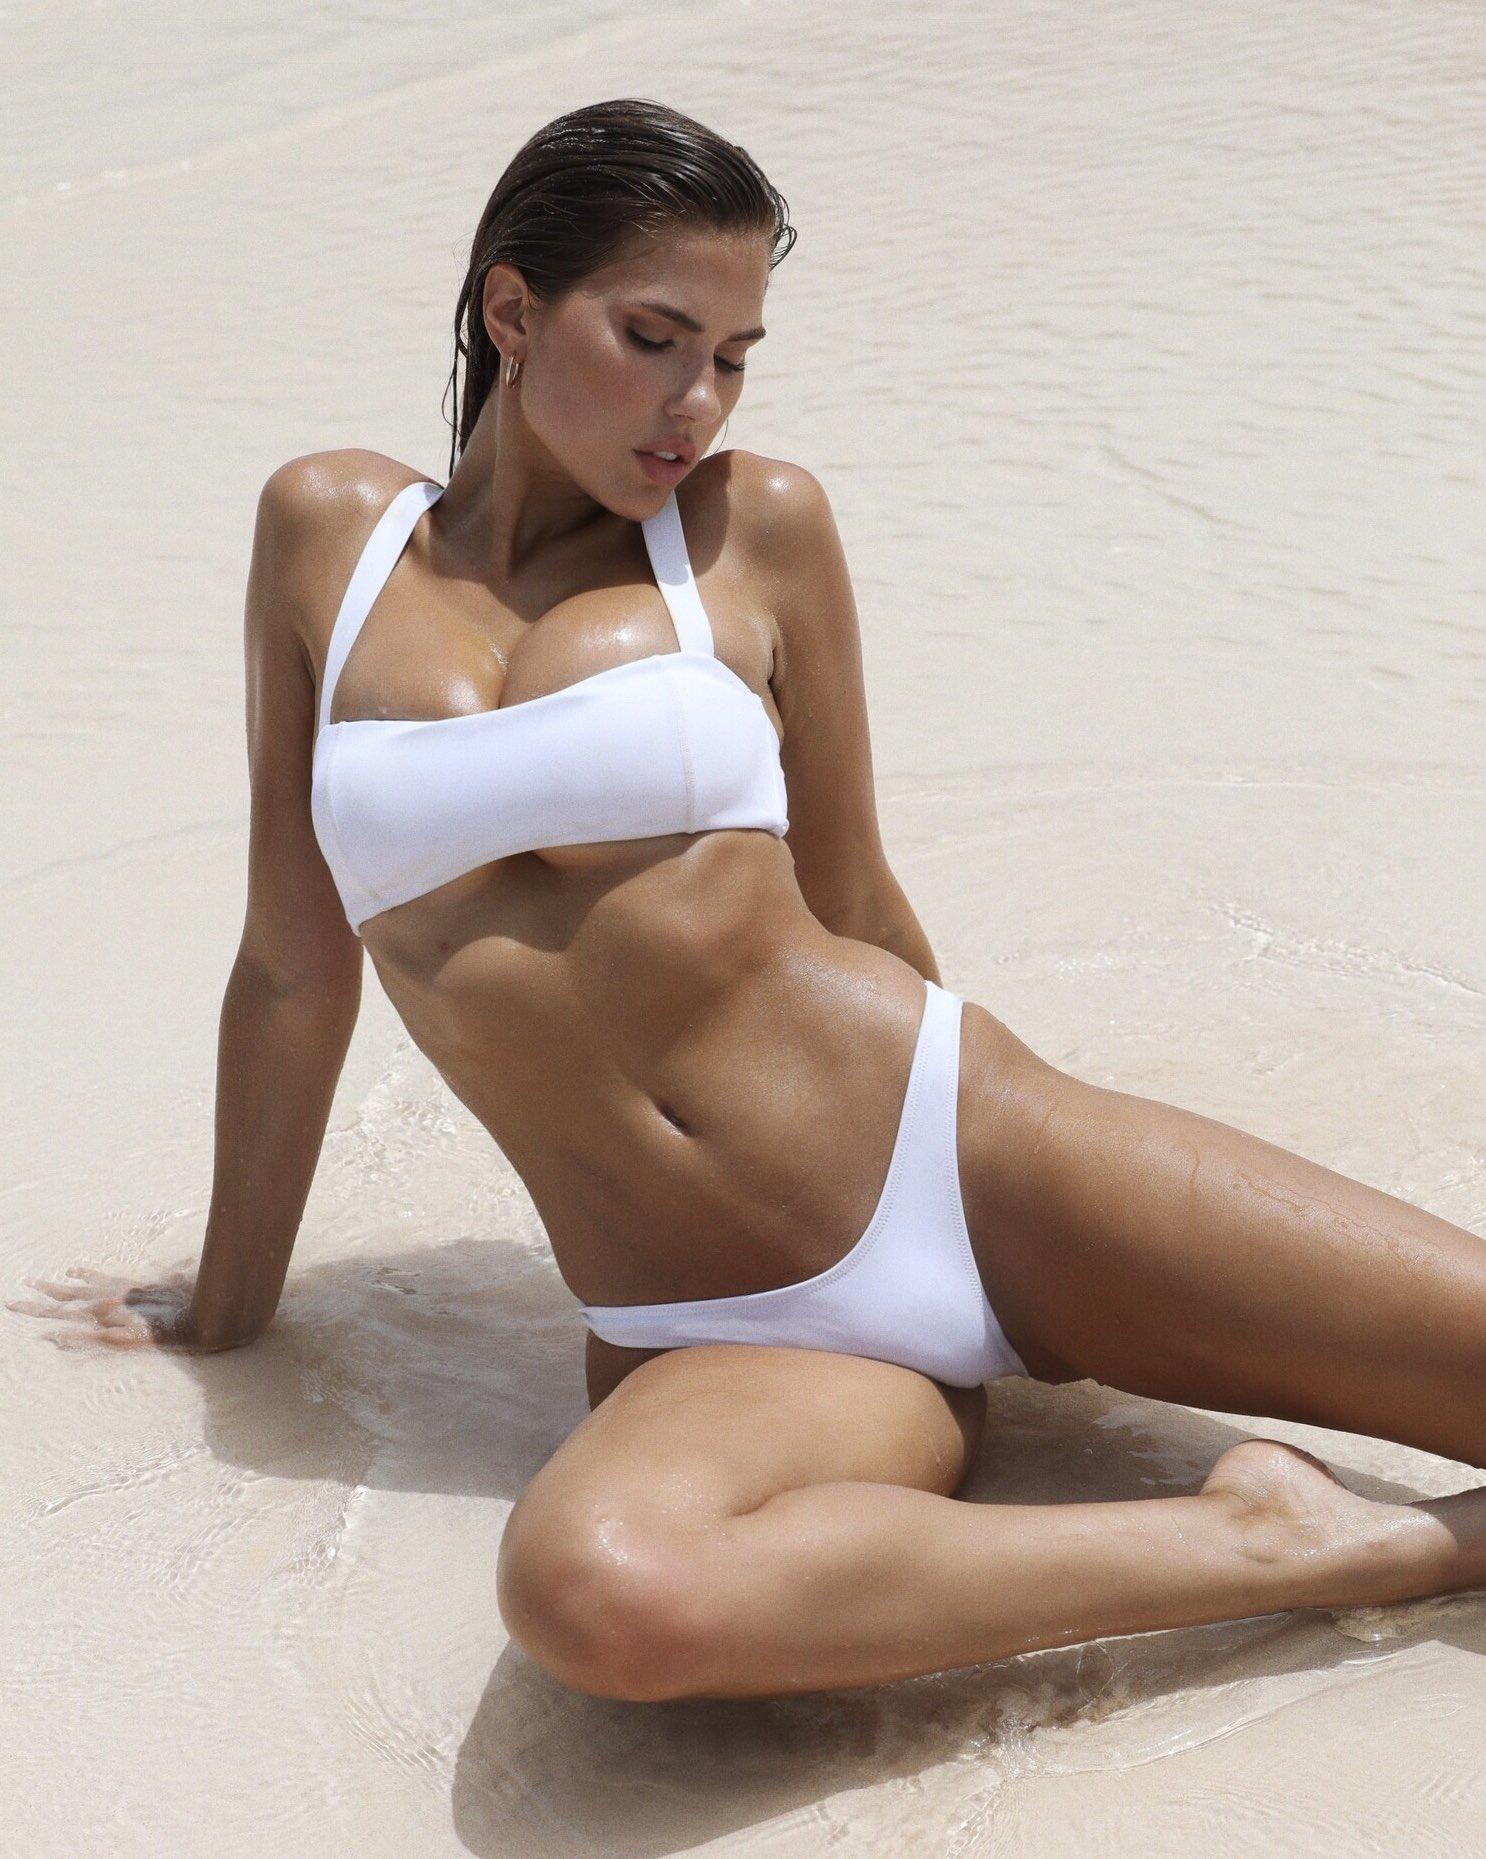 Bikini Instagram Models Flaws: Kara Del Toro In Bikini